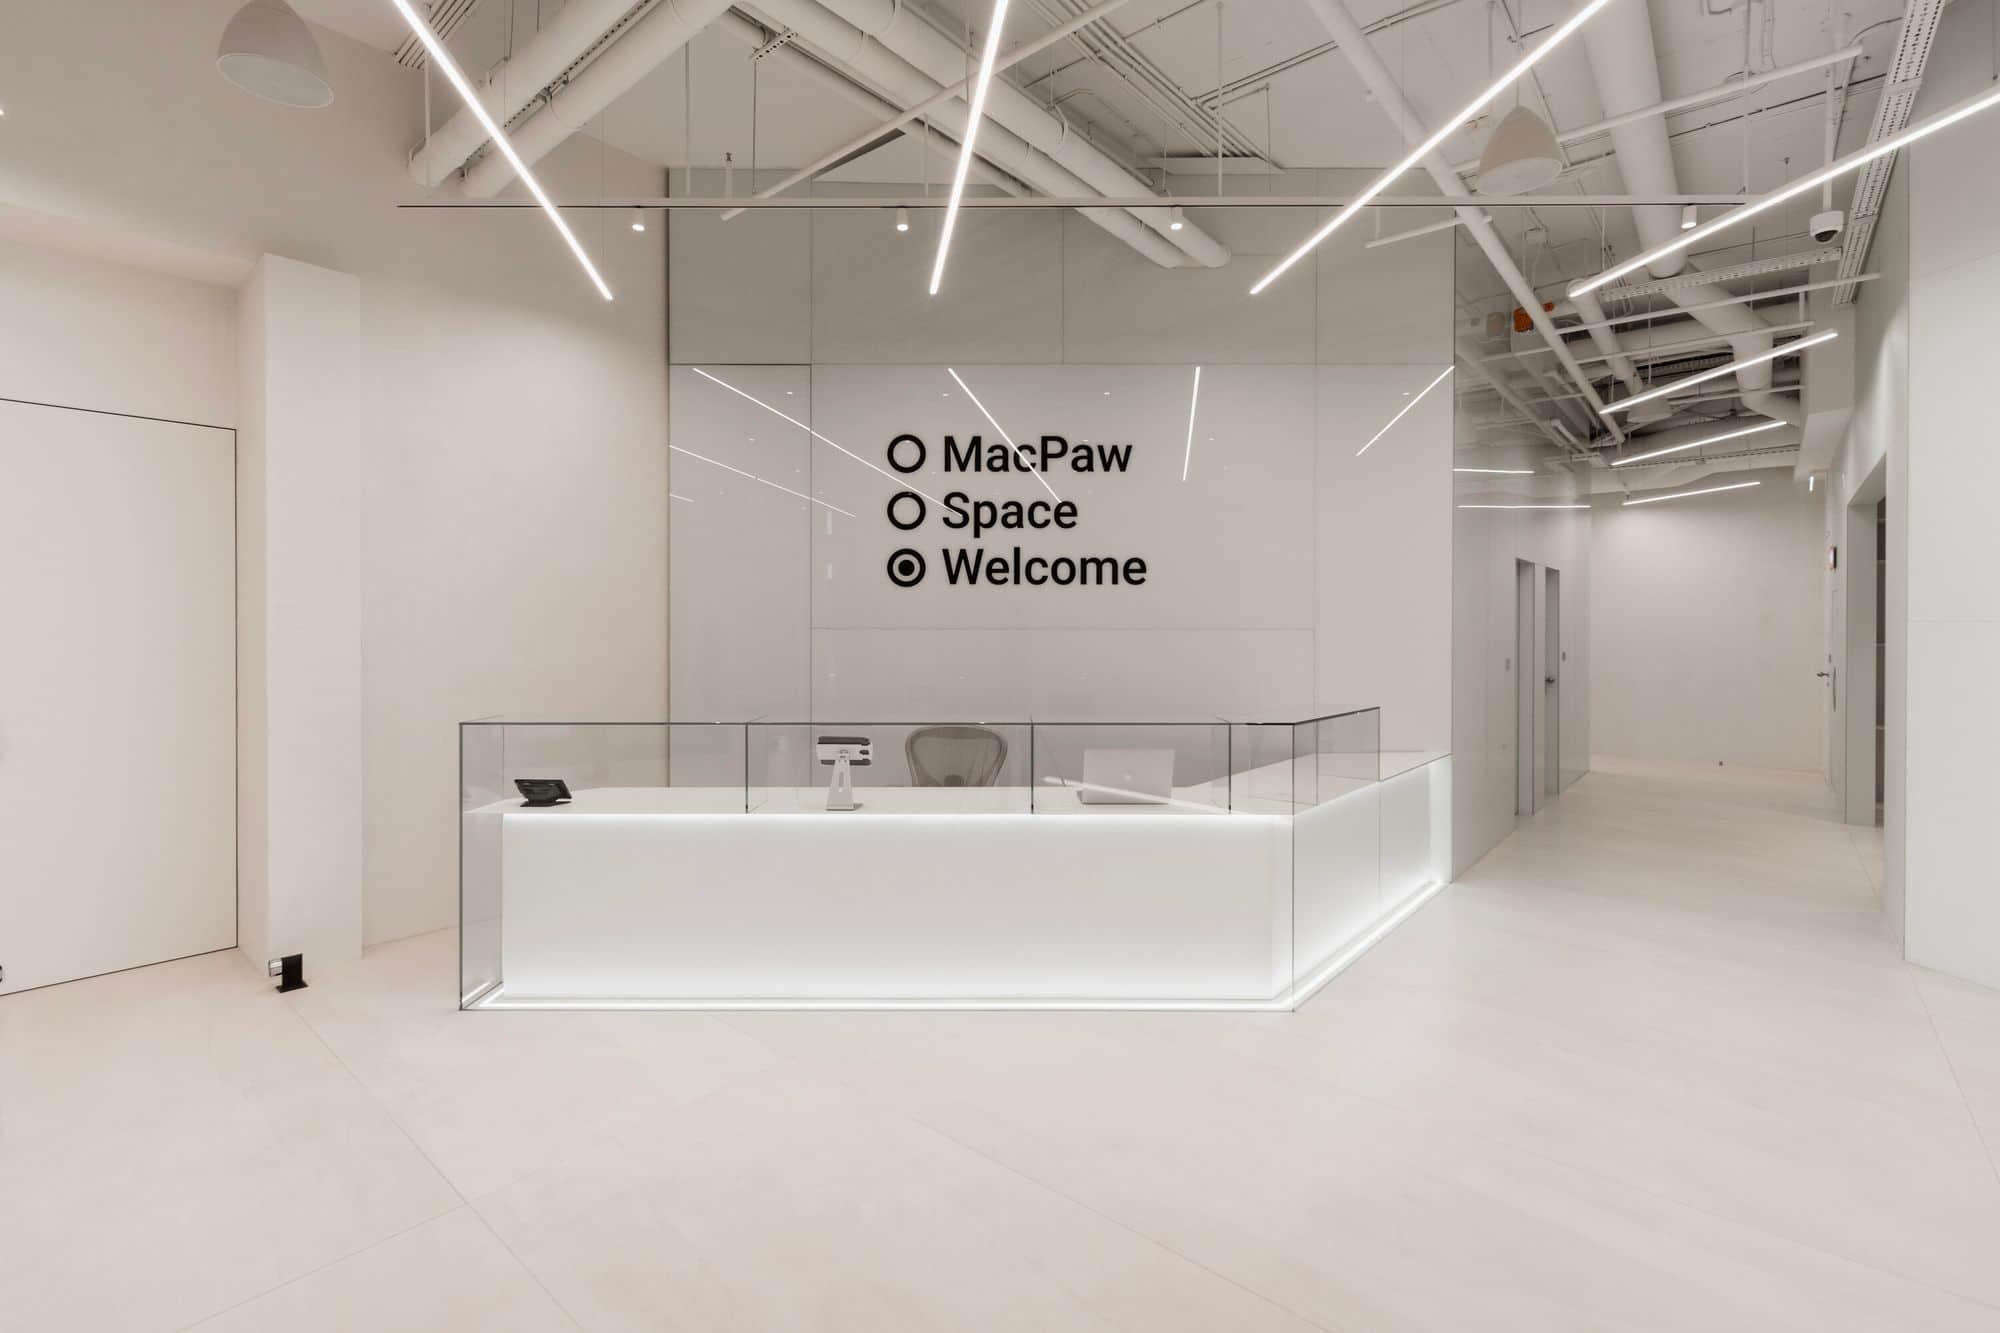 Museu MacPaw